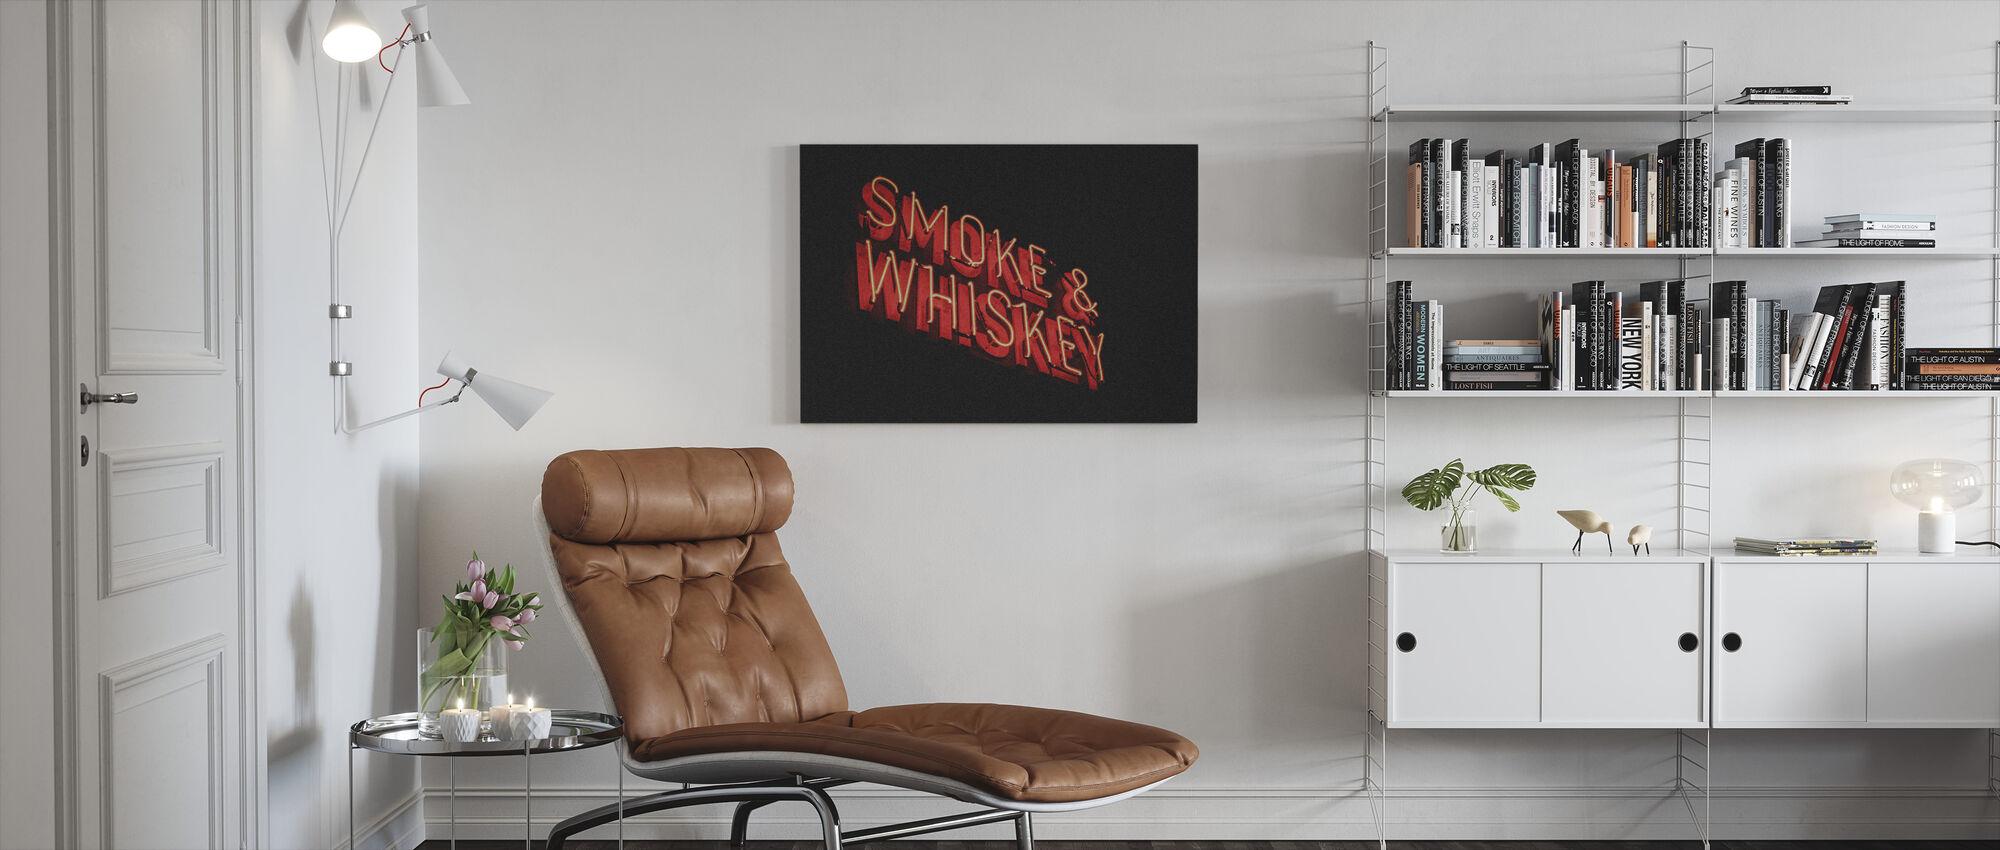 Savu ja viski - Canvastaulu - Olohuone